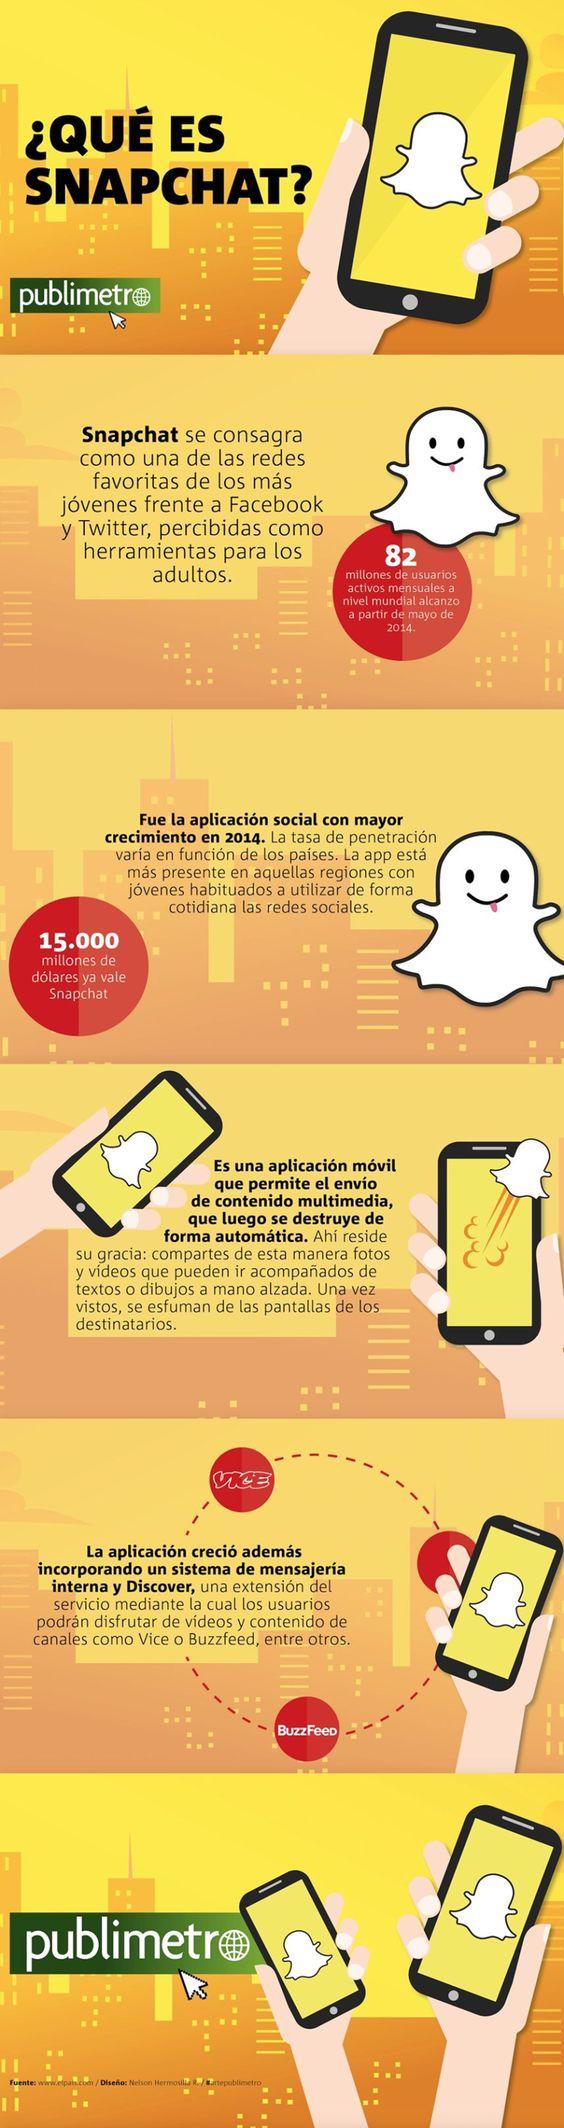 Snapchat Se consagra como una de las redes sociales favoritas entre los jovenes frente a Facebook y Twitter, que son percibidas como herramientas para los adultos Infografia sobre que es Snapchat realizada por Publimetro Extraida del Blog de Alfredo Vela